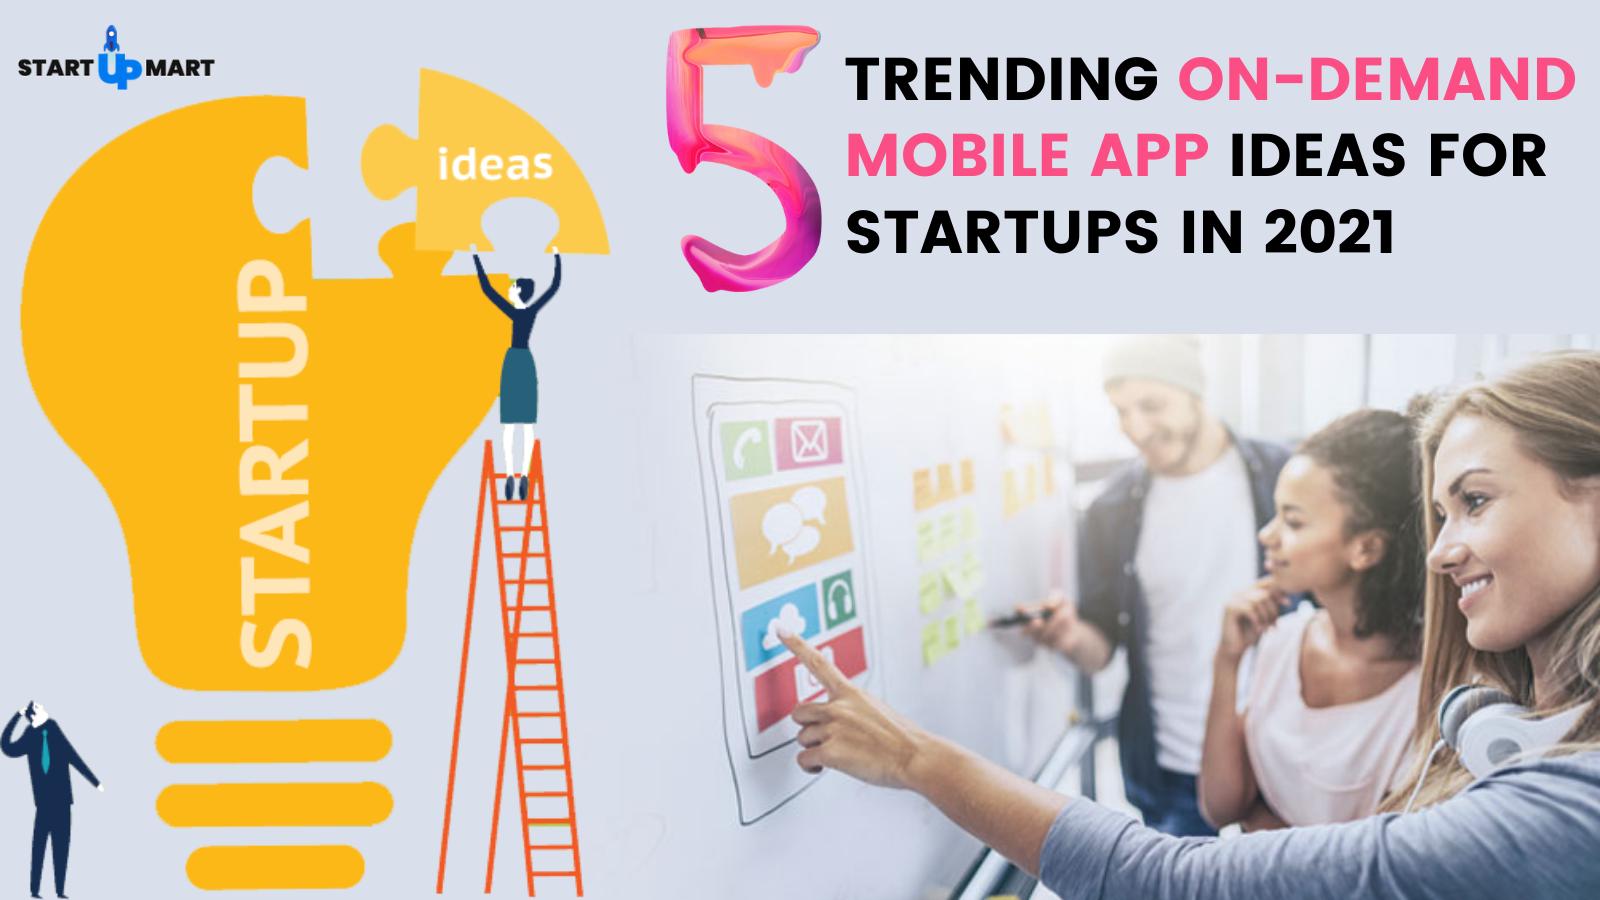 5 Trending On-Demand Mobile App Ideas for Startups in 2021